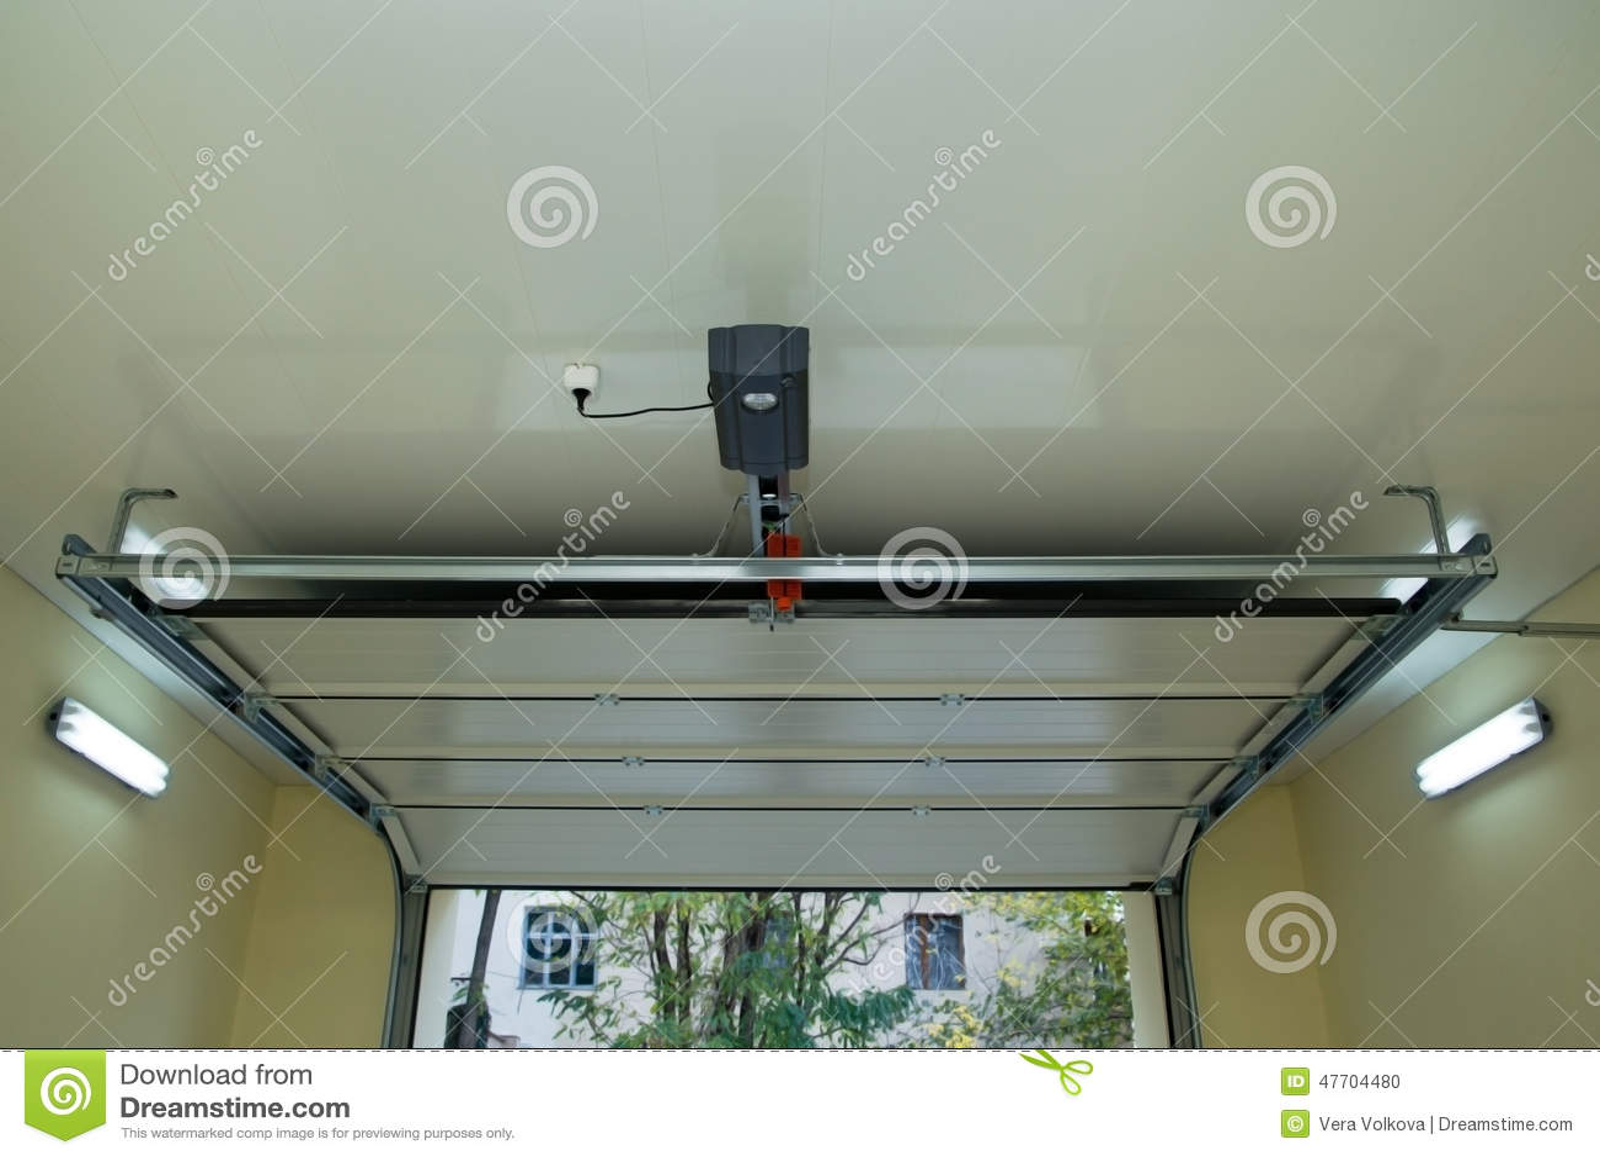 Garagentor innen  Automatischer Garagentor Nach Innen Stockfoto - Bild: 47704480